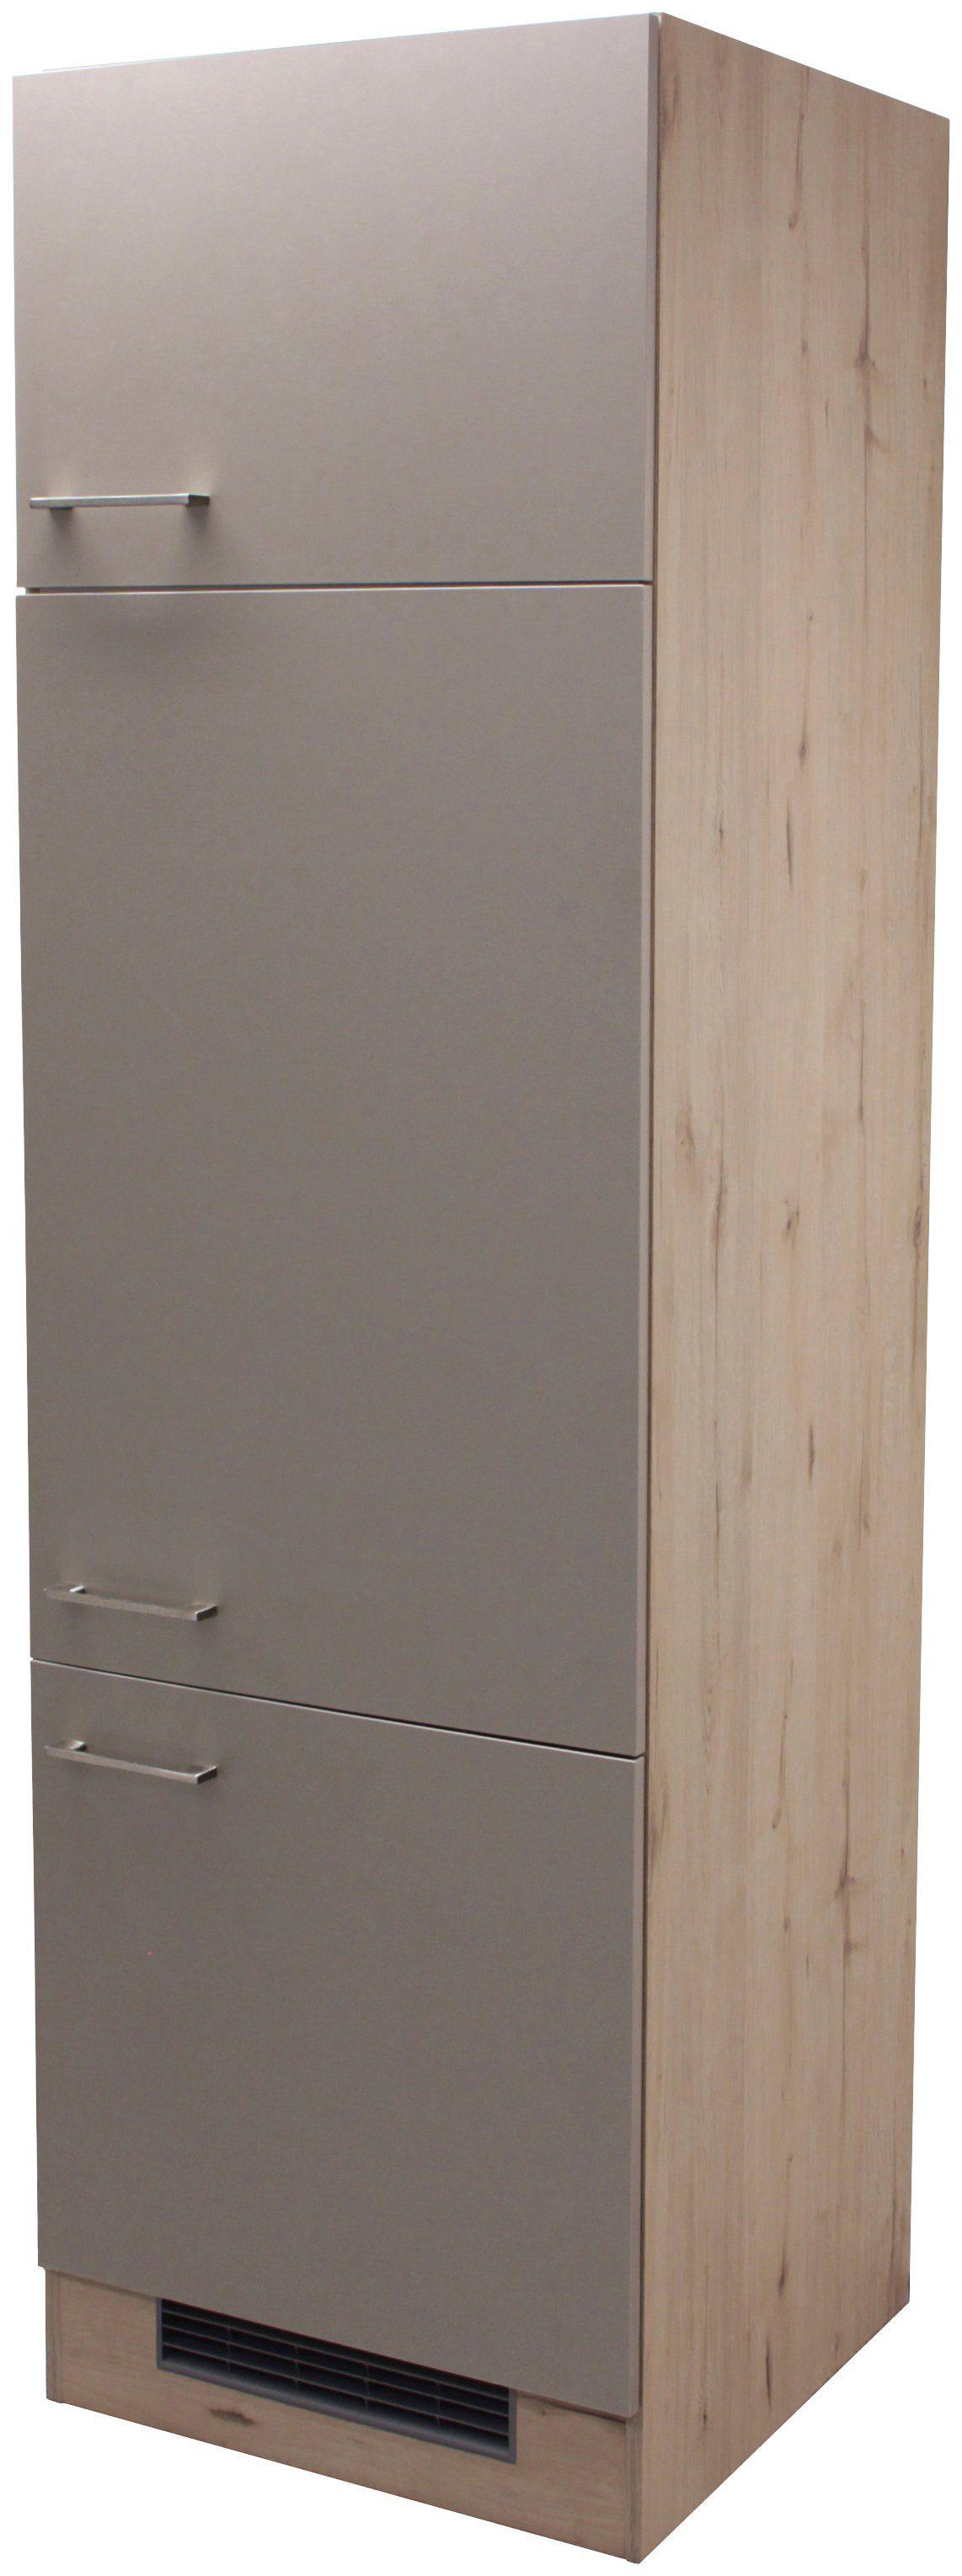 Kühlumbauschrank »Riva, Höhe 200 cm«